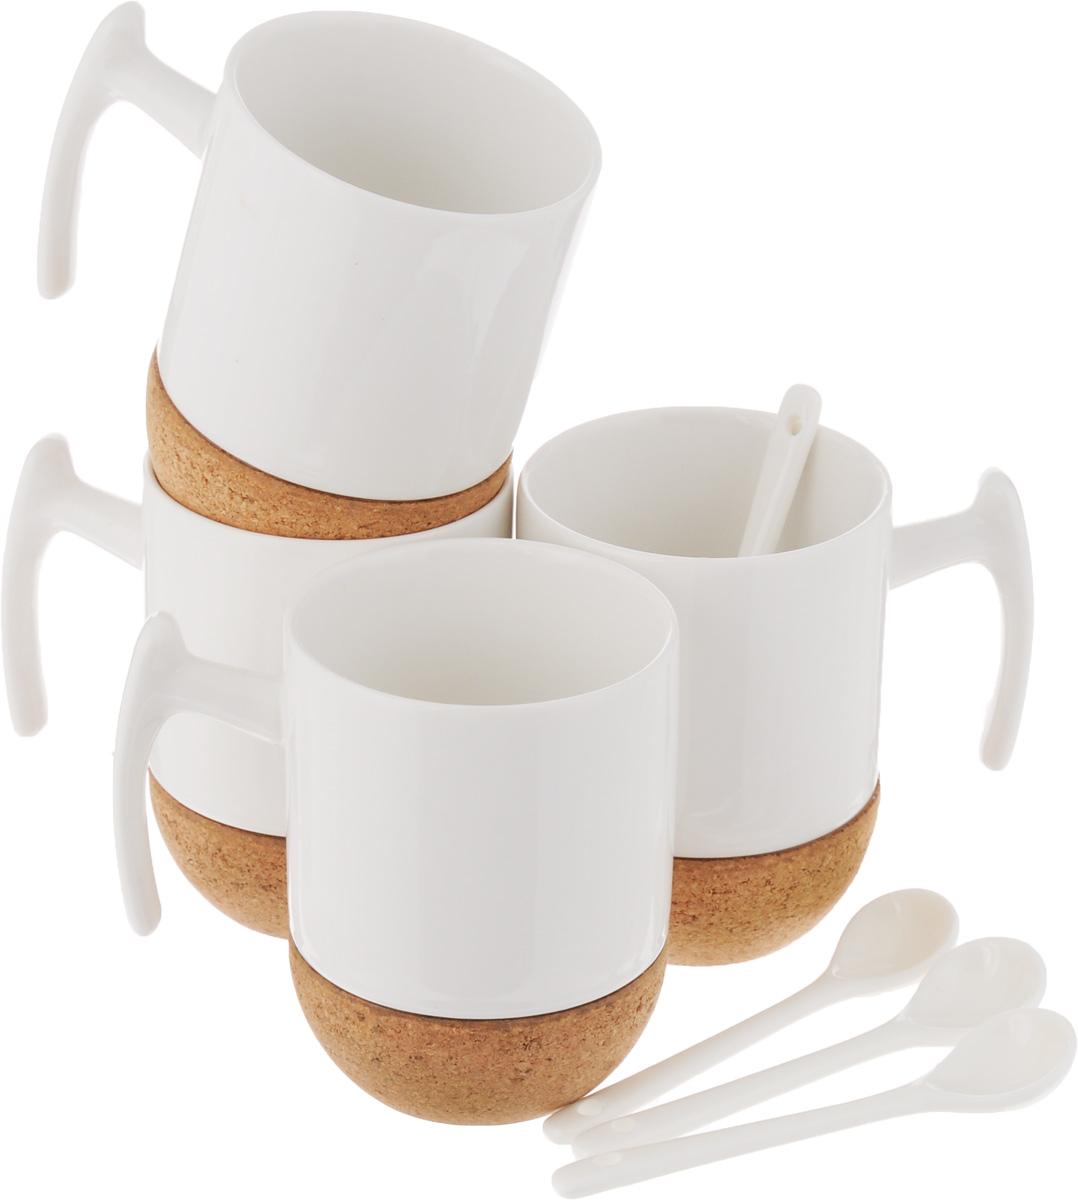 Набор чайный EcoWoo, 8 предметов115610Набор чайный EcoWoo - это не только идеальный подарок, но и прекрасный повод побаловать себя! Набор состоит из 4 фарфоровых кружек с пробковым основанием и 4 ложек.Такой набор станет идеальным решением для ценителей экологичных деталей в интерьере и поклонников здорового образа жизни.Не использовать в посудомоечной машине.Объем кружки: 280 мл.Диаметр кружки (по верхнему краю): 7,5 см.Высота кружки: 10,5 см.Длина ложки: 11,5 см.